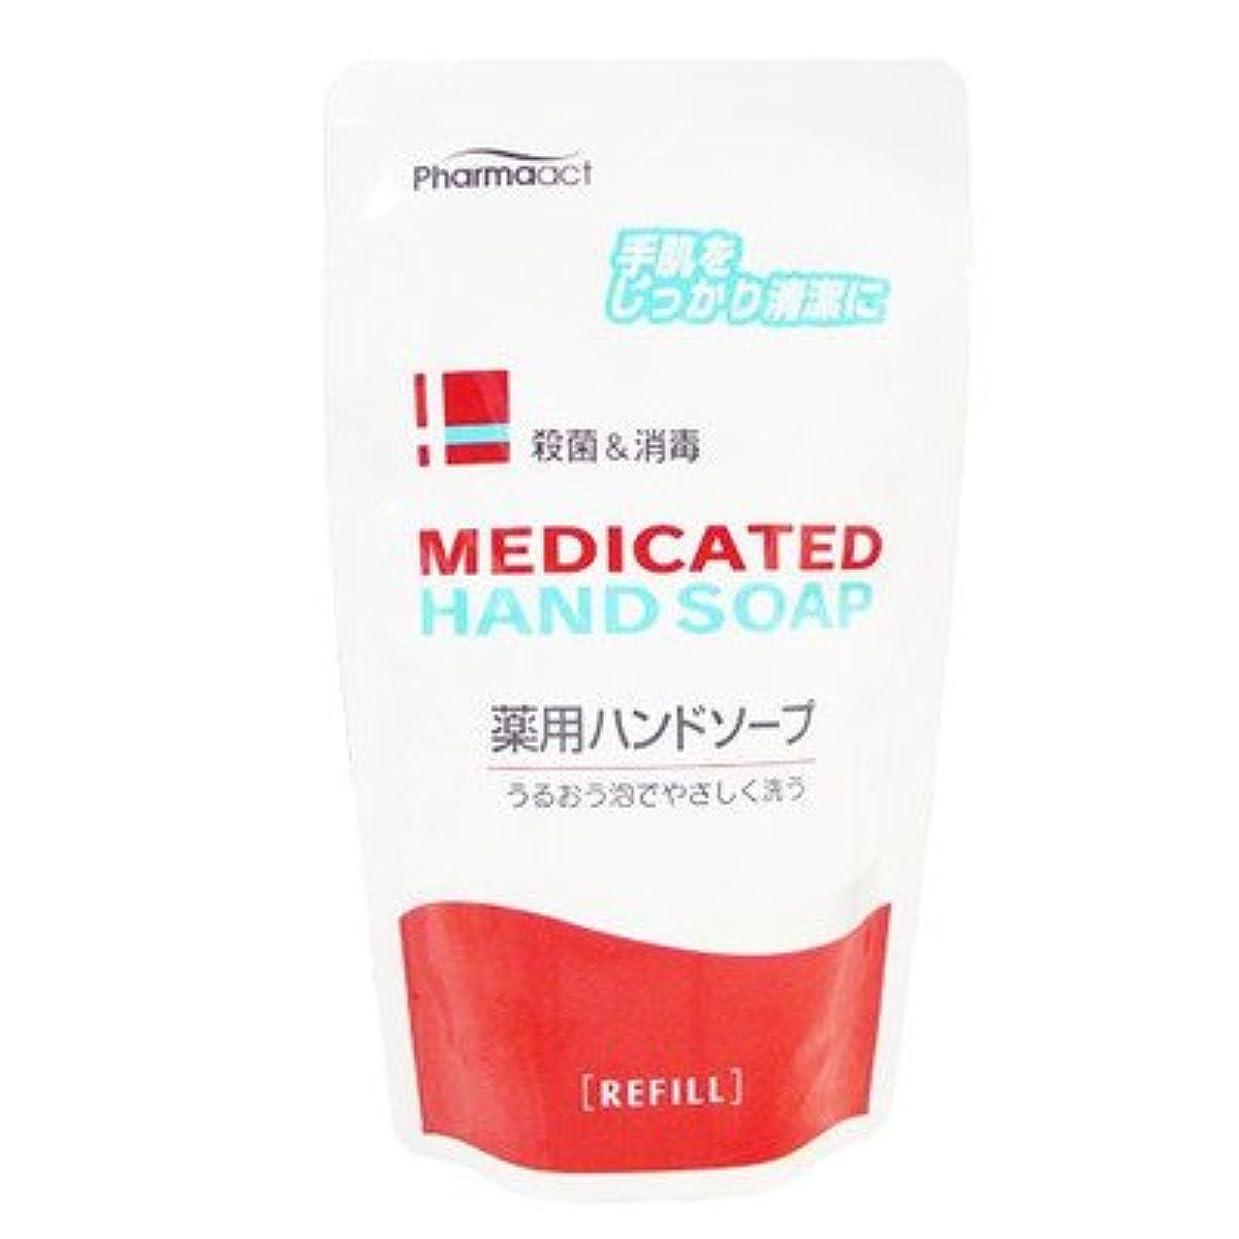 無力金曜日クラックポットMedicated 薬用ハンドソープ 殺菌+消毒 200ml【つめかえ用】(医薬部外品)